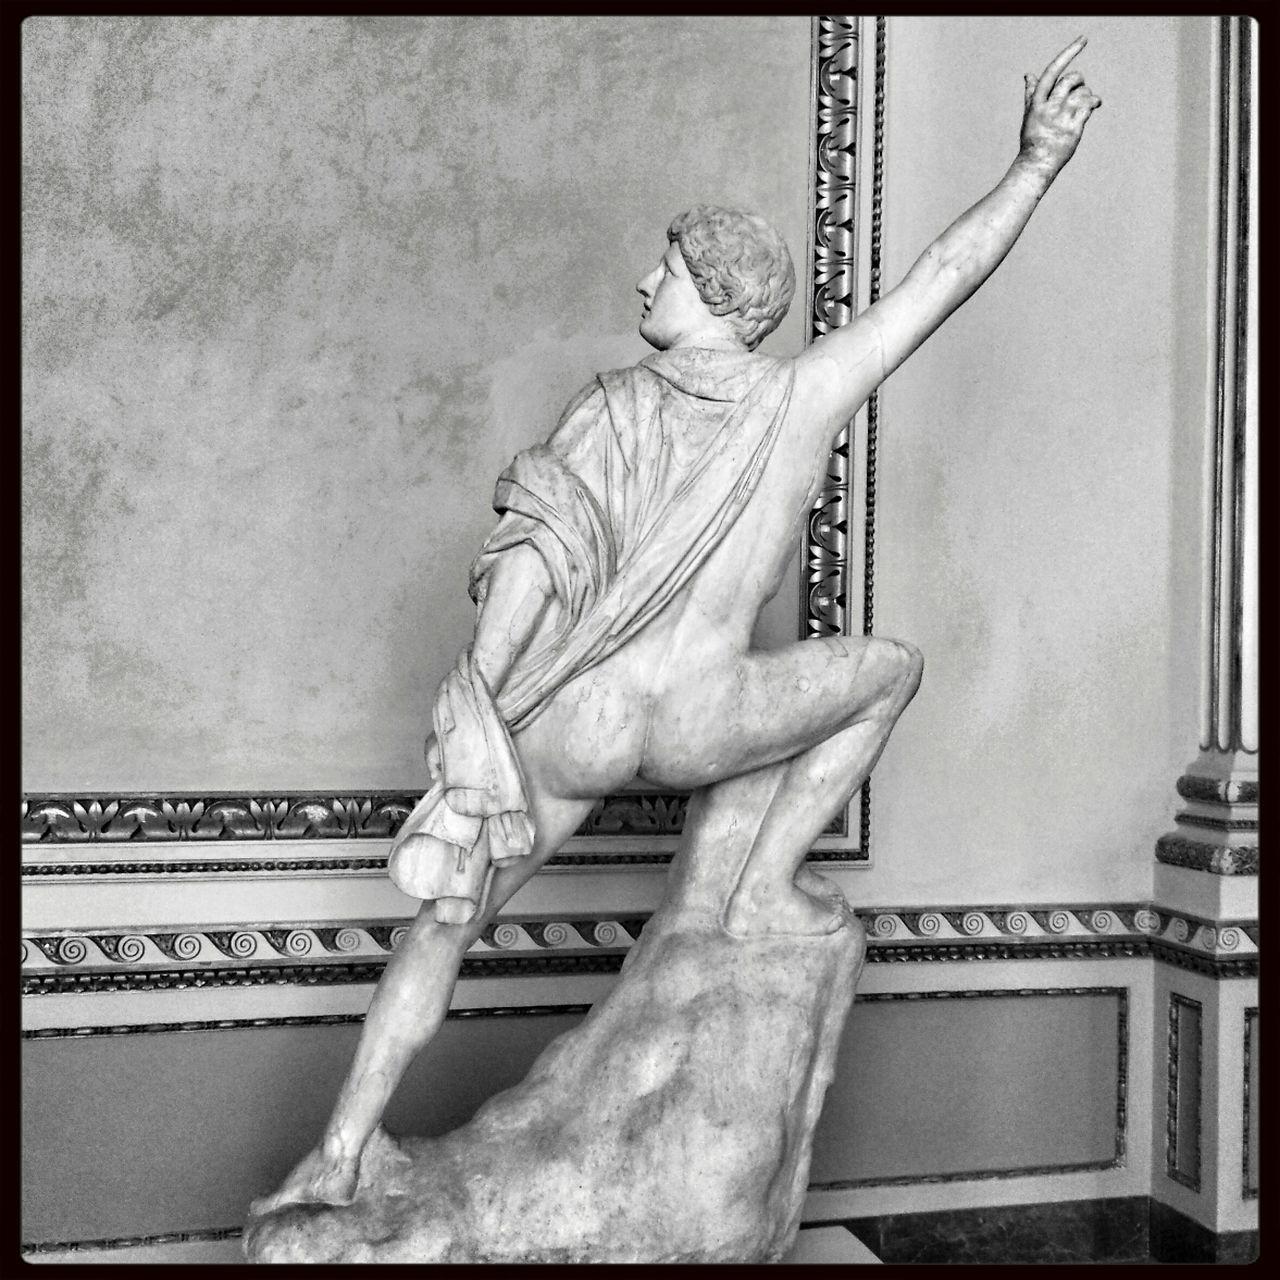 Le disco bien avant Travolta ...Galerie des offices de Florence /Firenze Florence Ig_firenze Firenze Vista Su Firenze